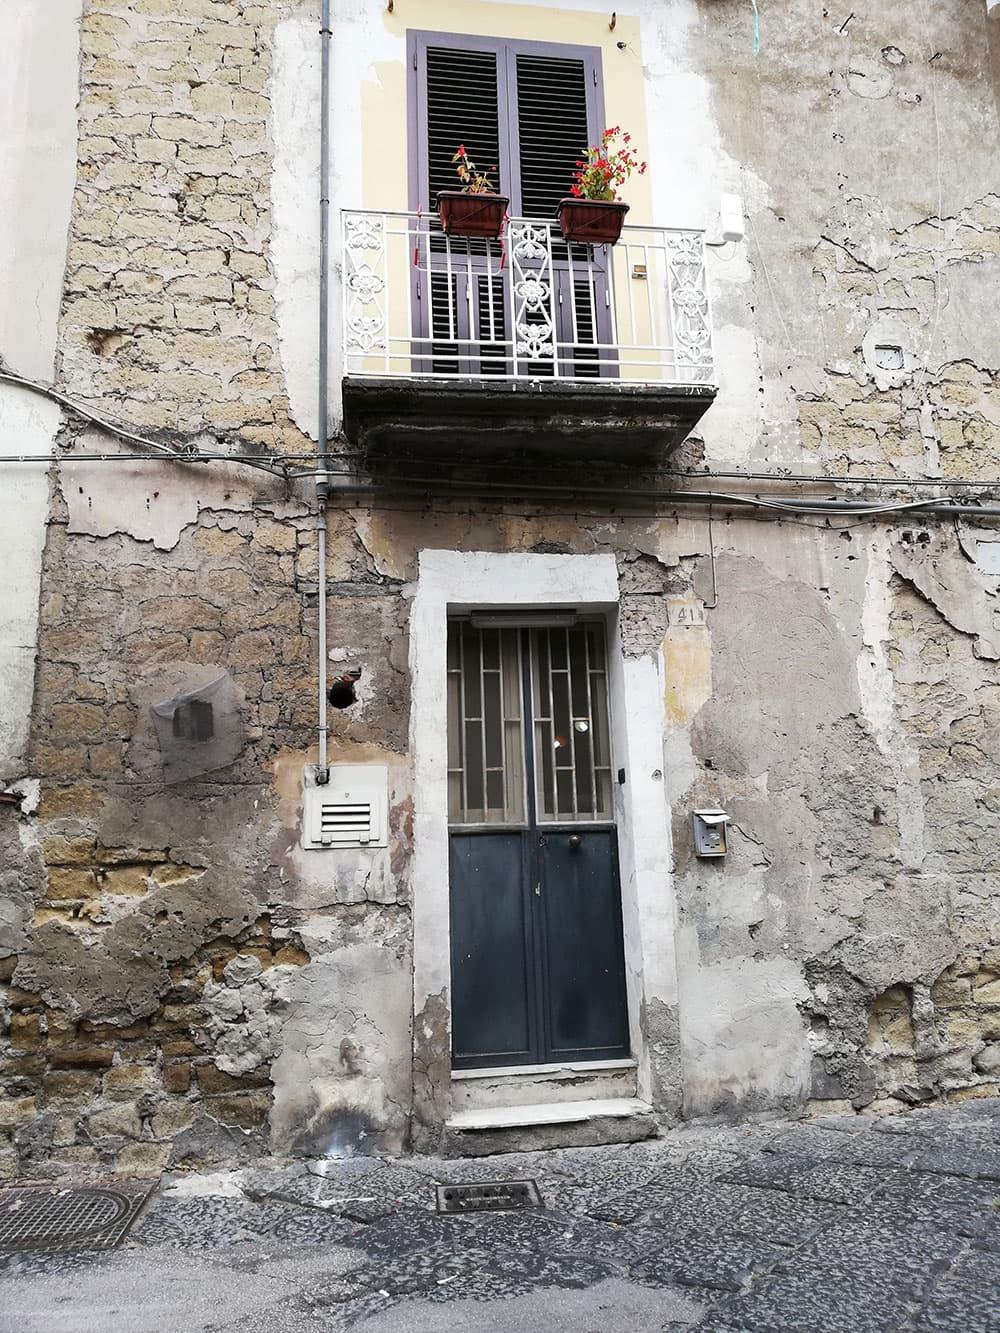 A crumbling facade in Naples